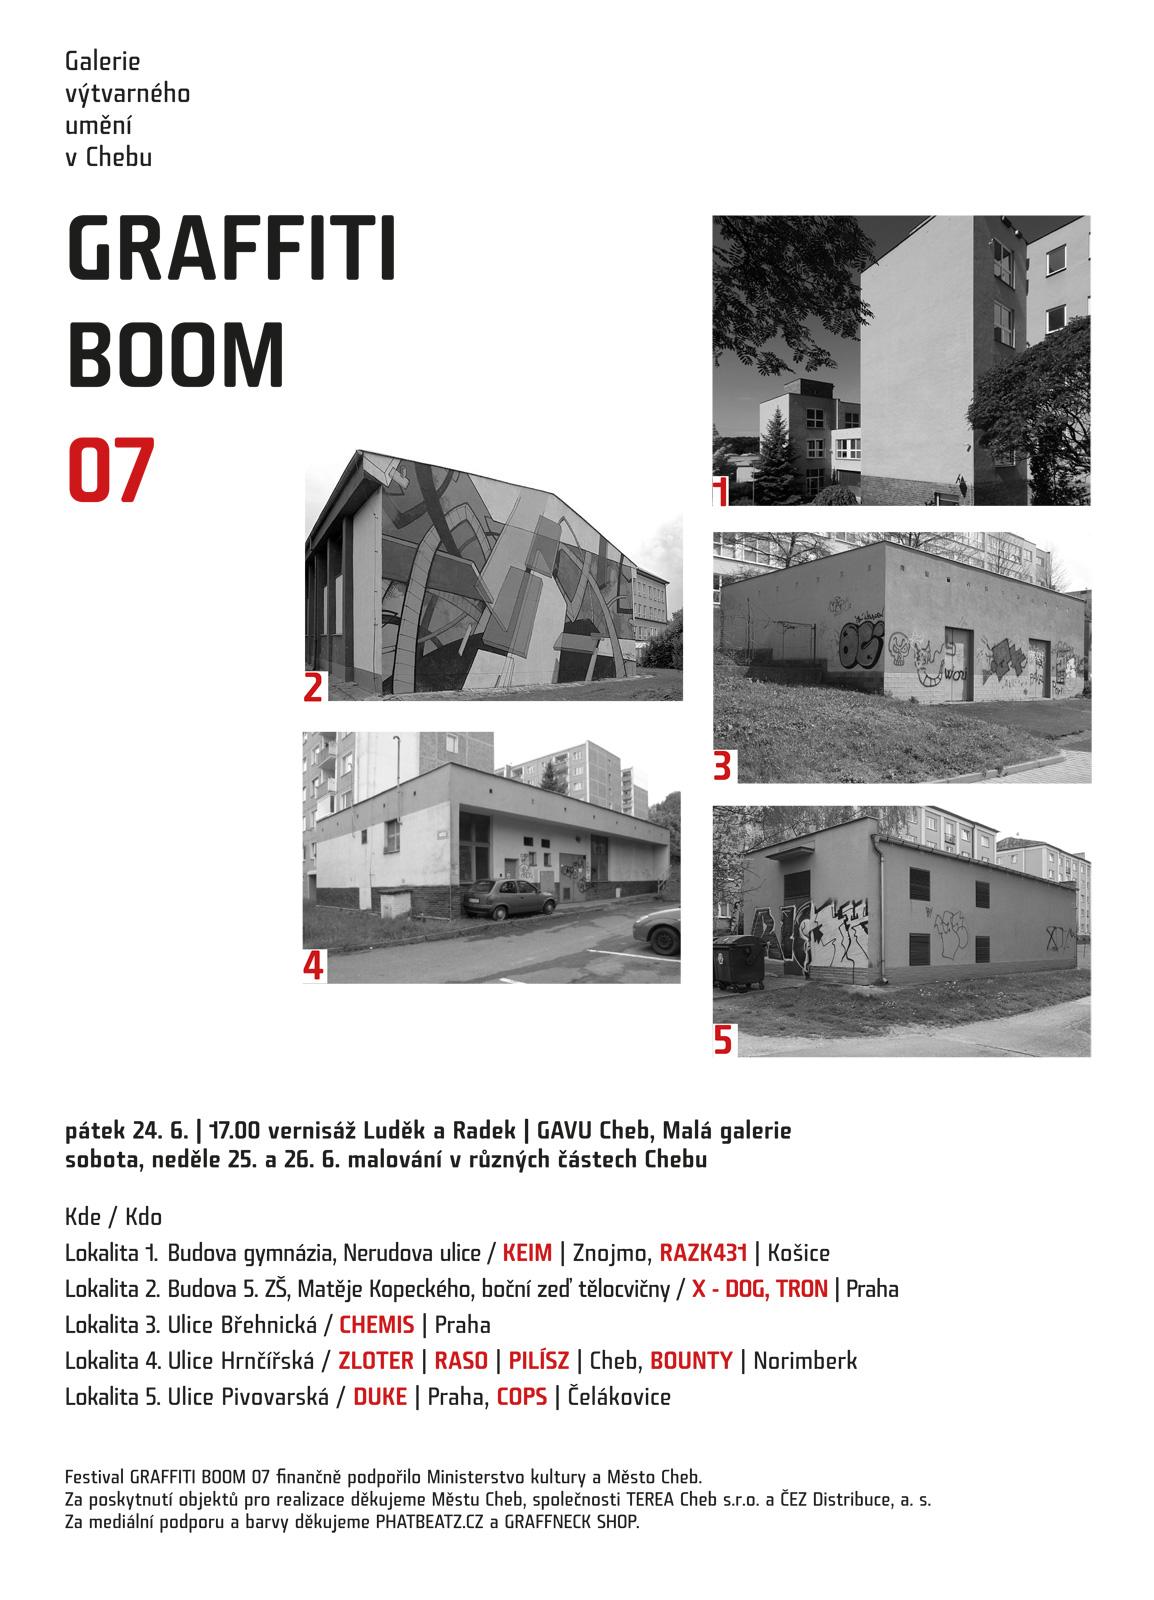 Graffiti Boom 07 - Cheb